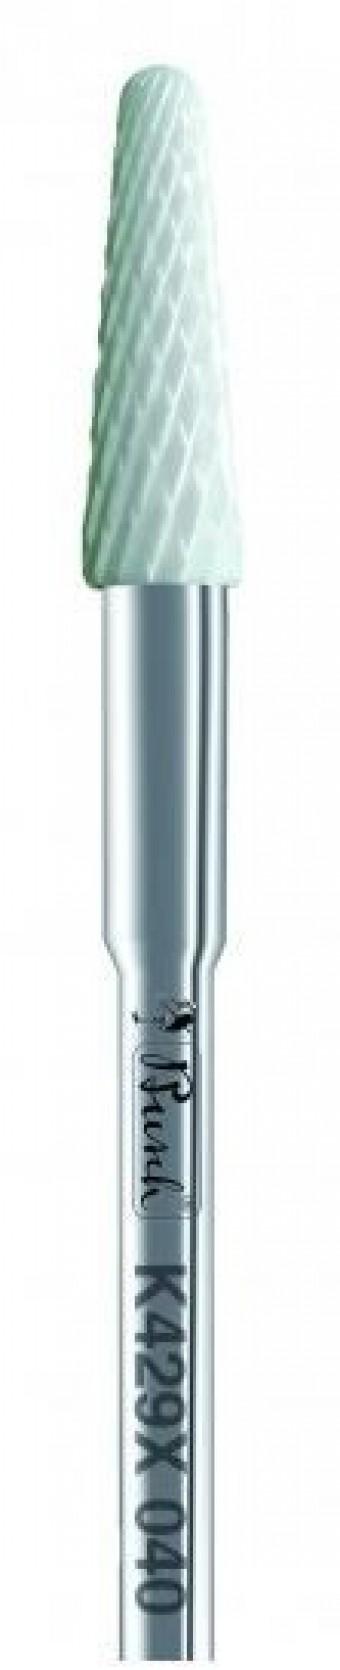 Busch Kera K429X-040